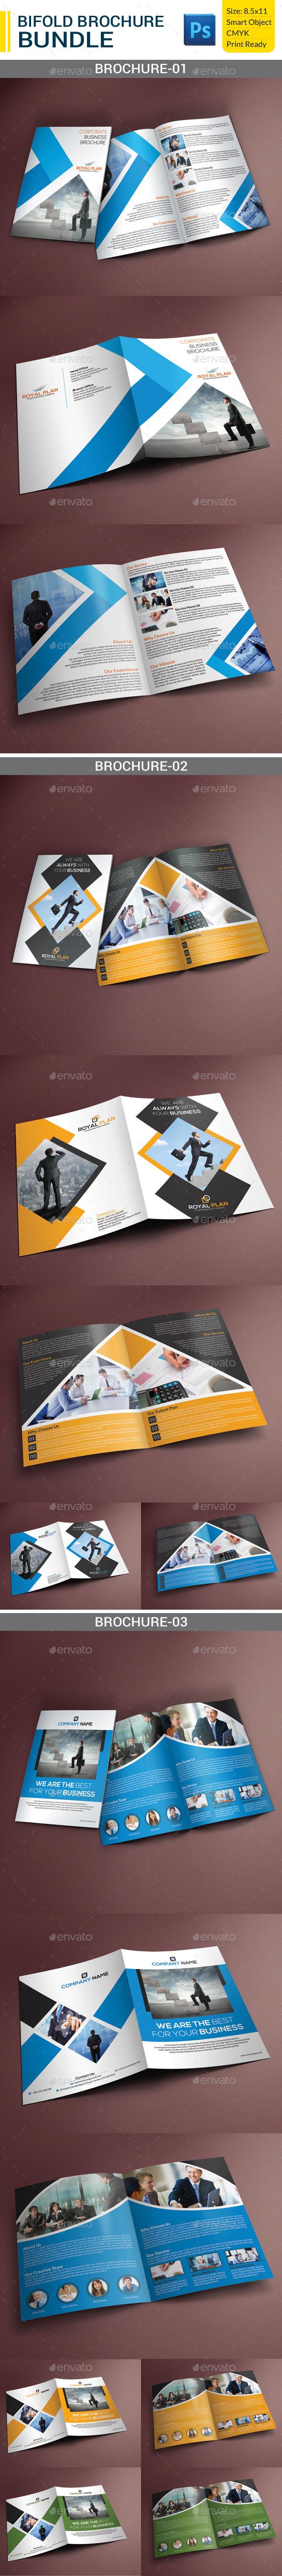 Corporate Bifold Brochure Bundle - Corporate Brochures